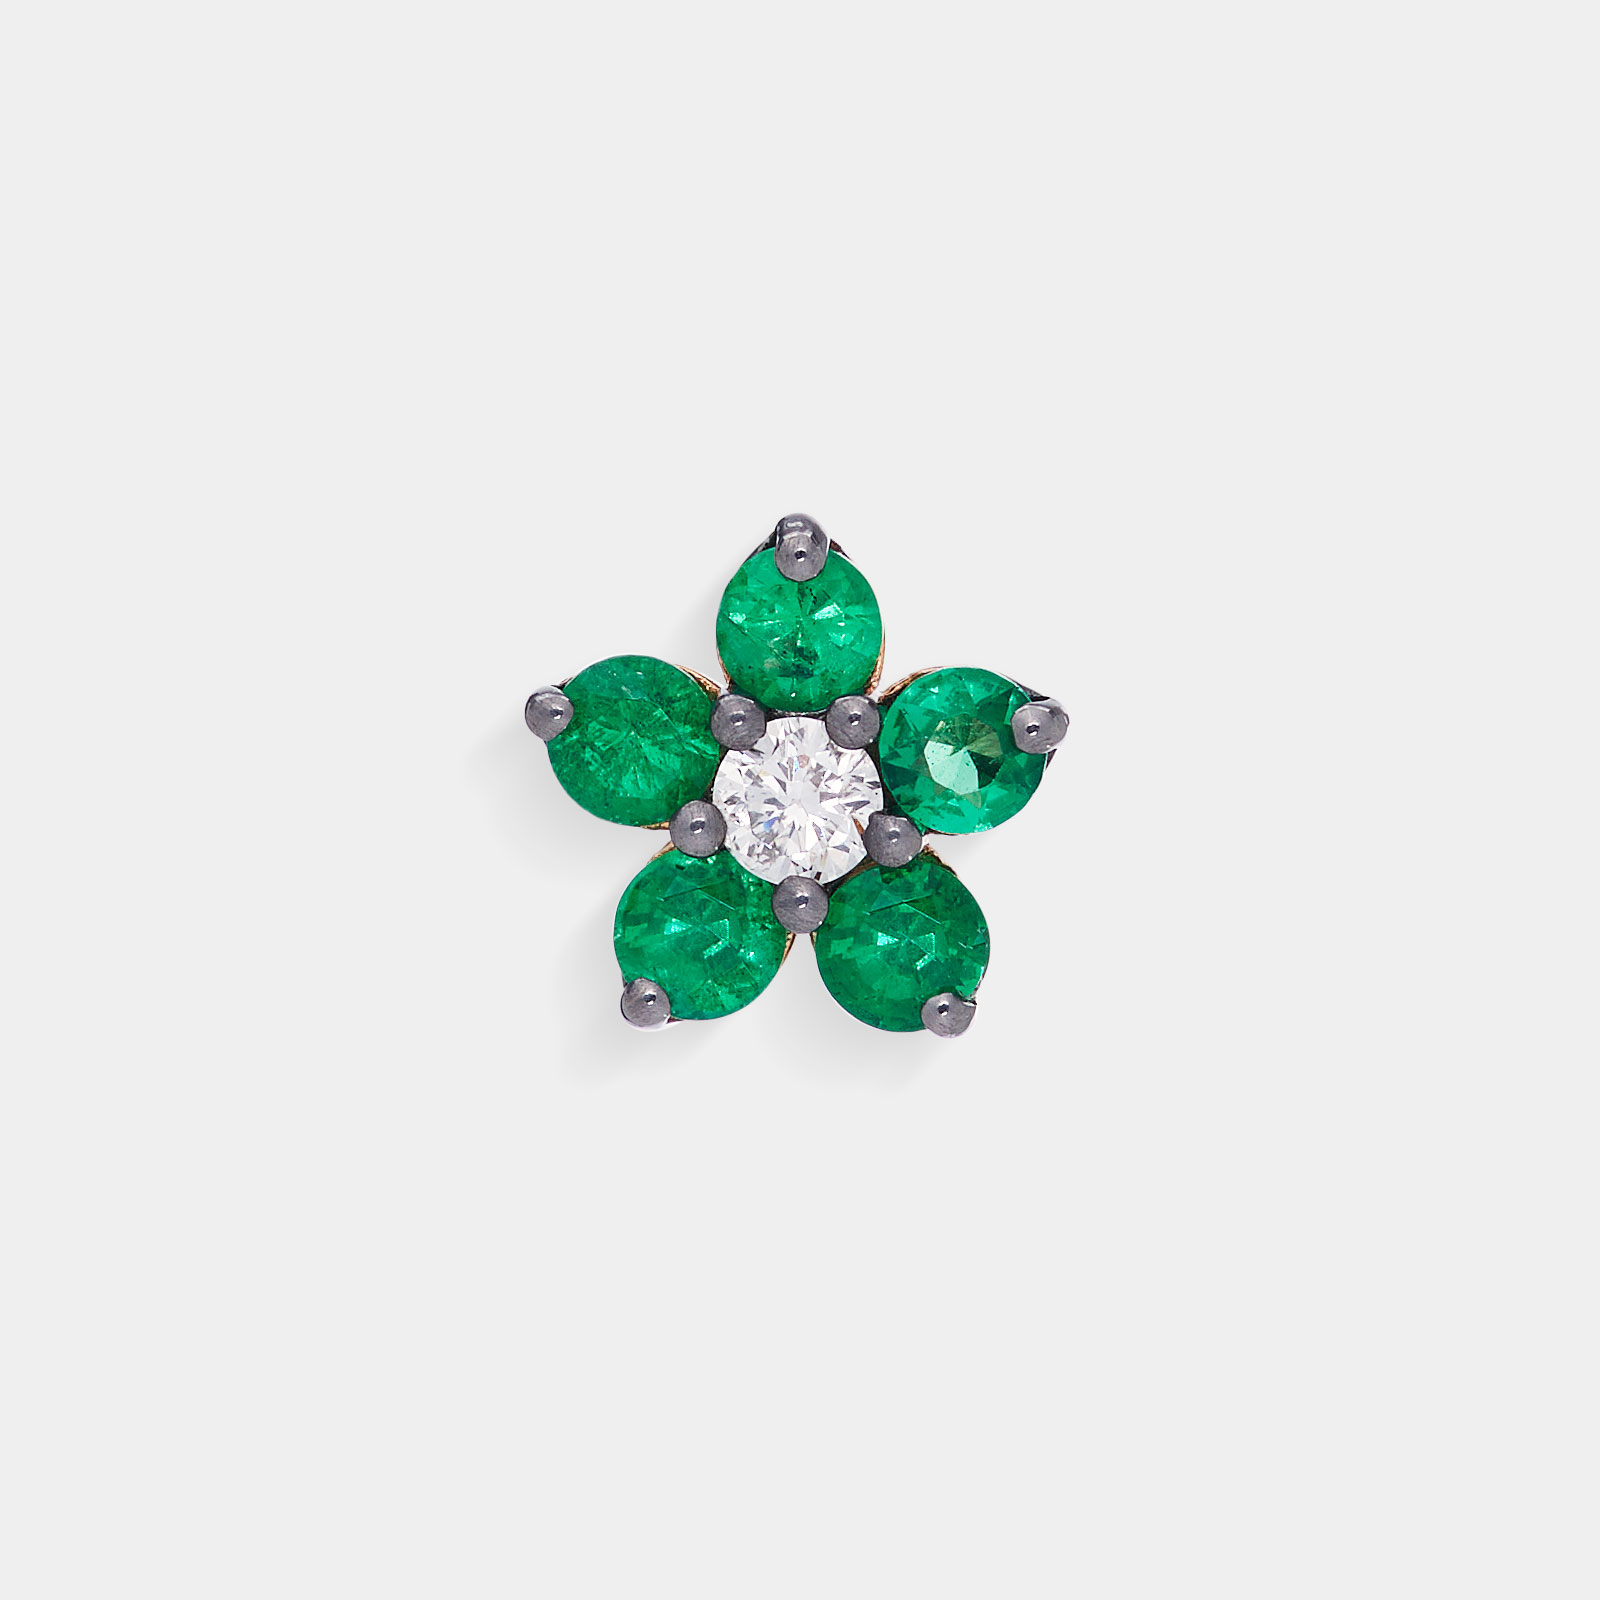 Mono Orecchini in oro bianco fiore in diamanti e smeraldi - Rosanna Cattolico gioielli